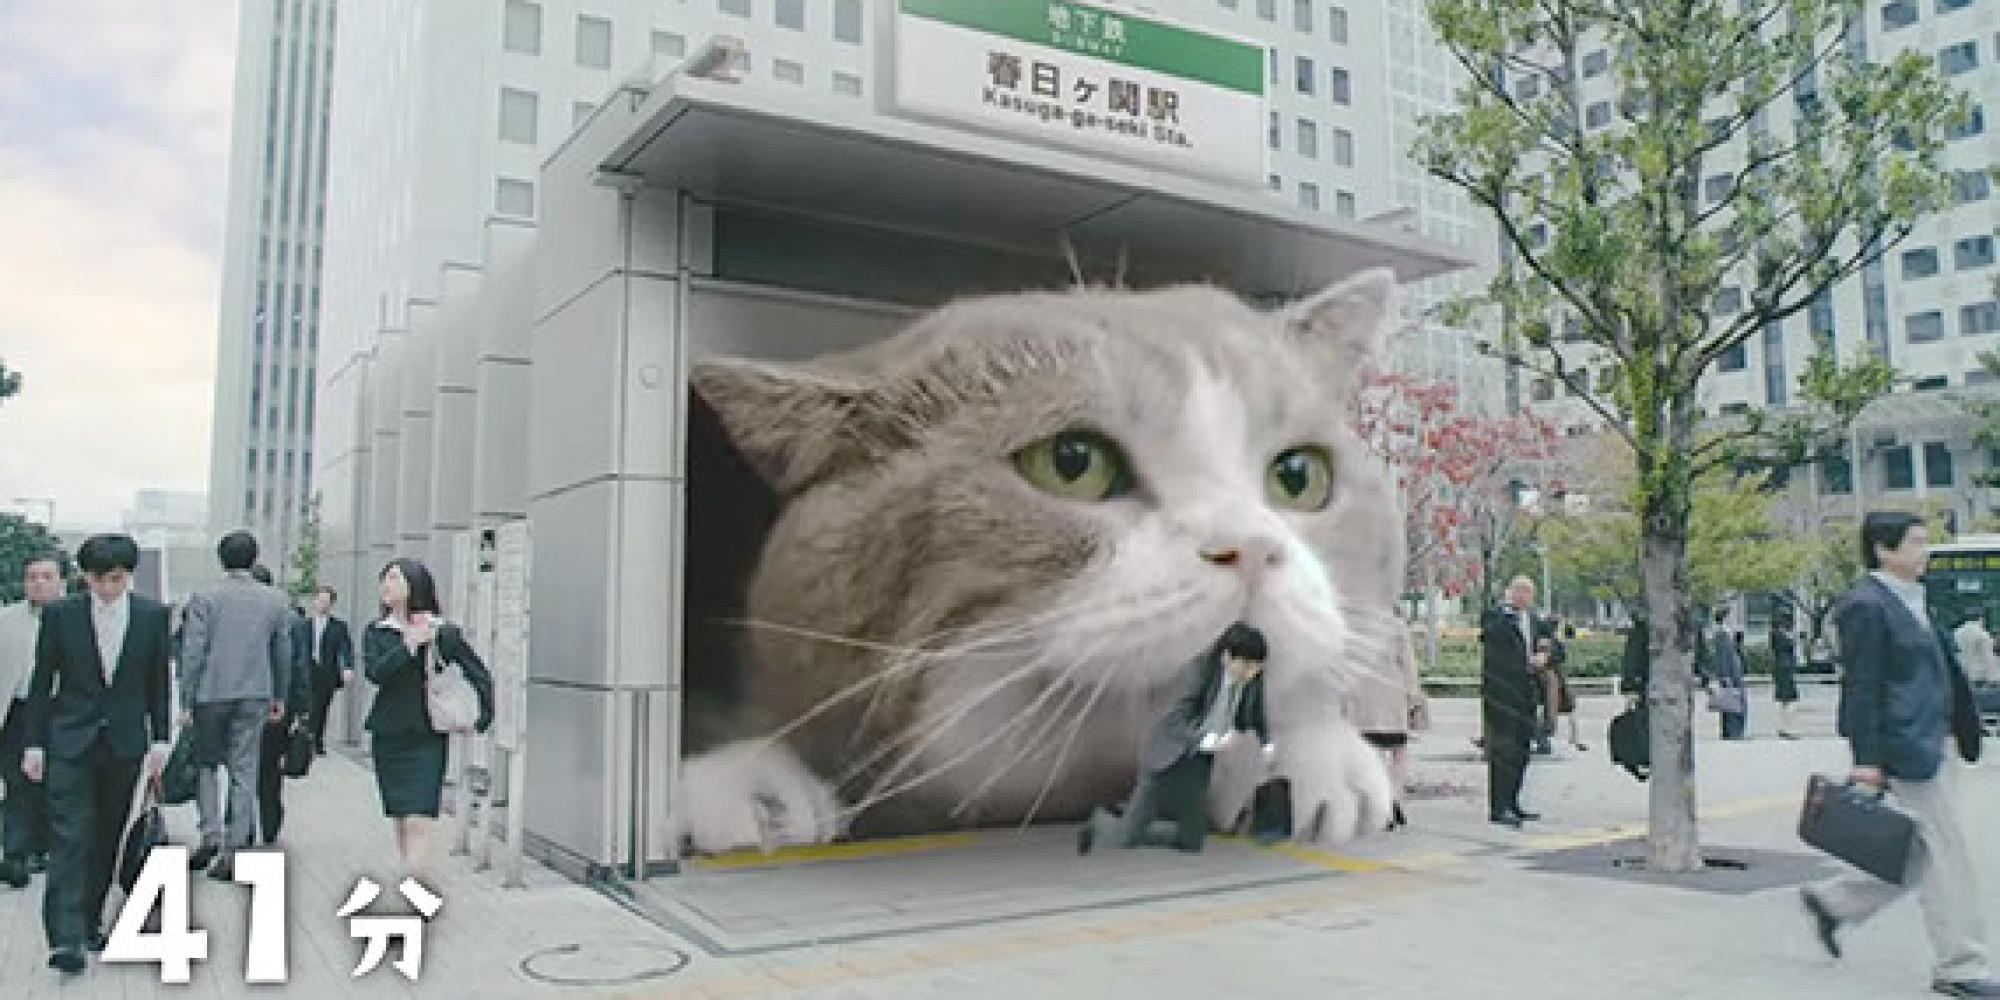 Mία γιγαντιαία γάτα...